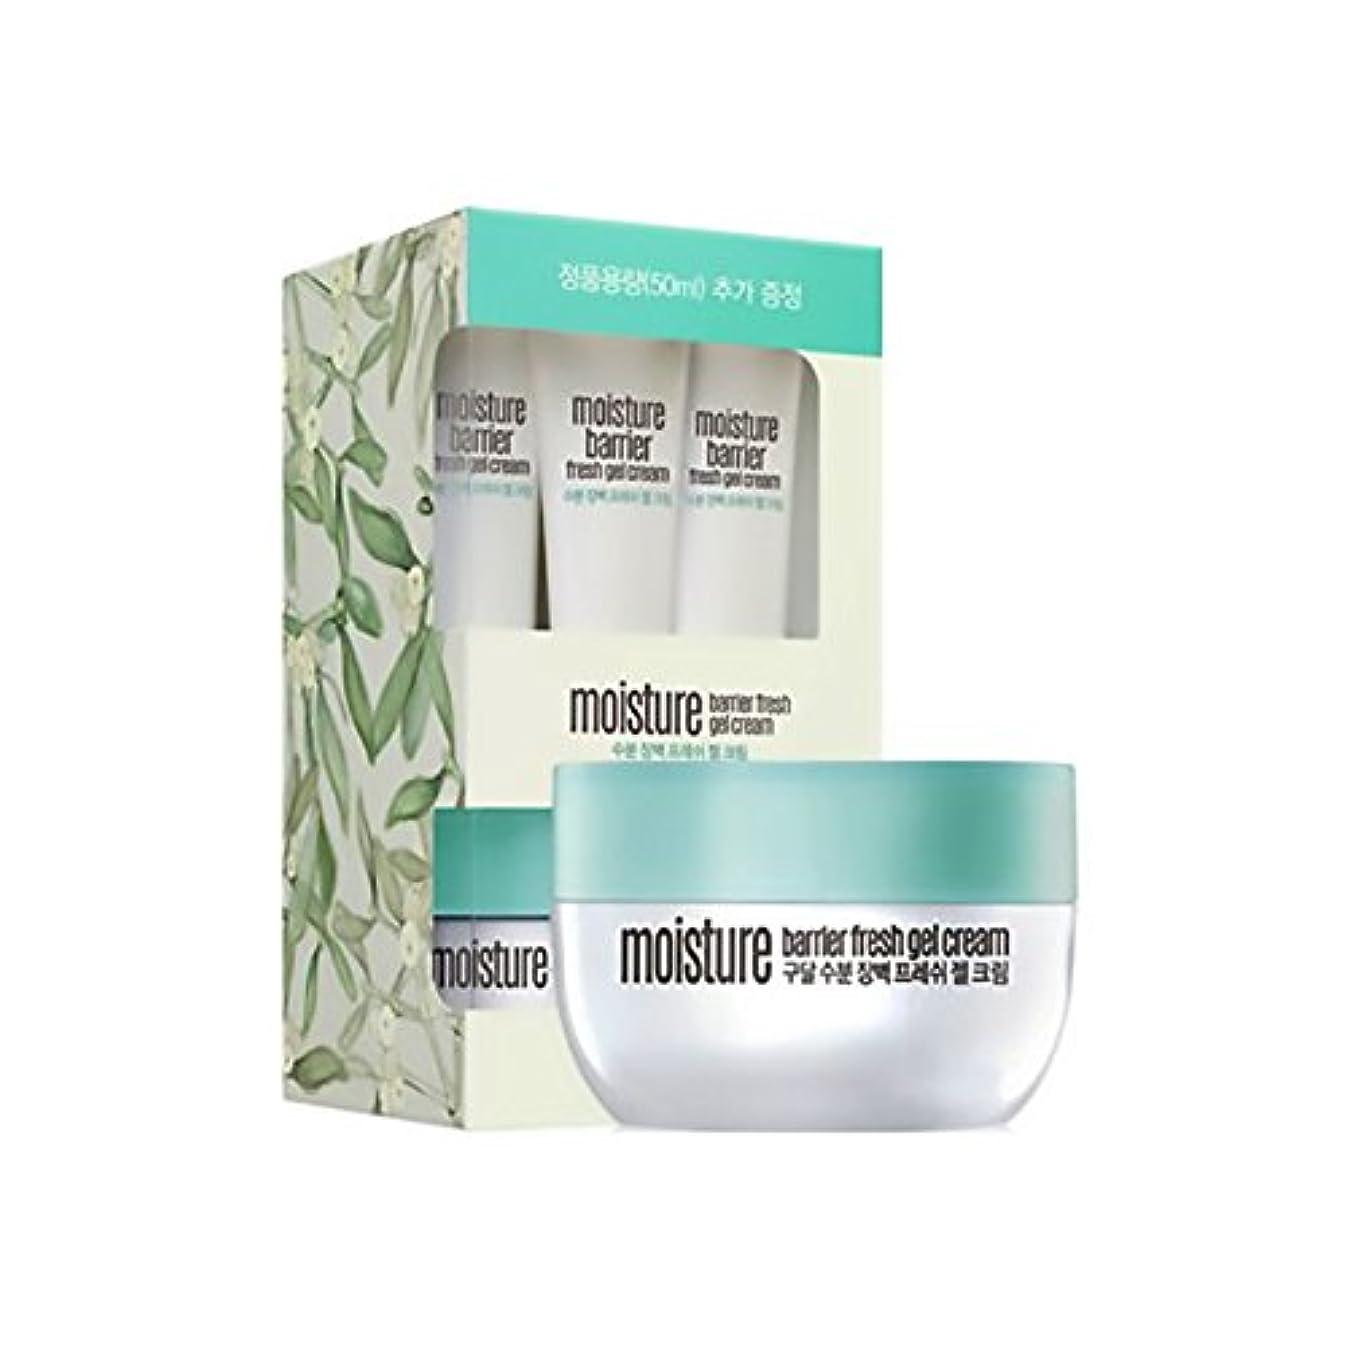 差し迫った牛肉ポークgoodal moisture barrier fresh gel cream set